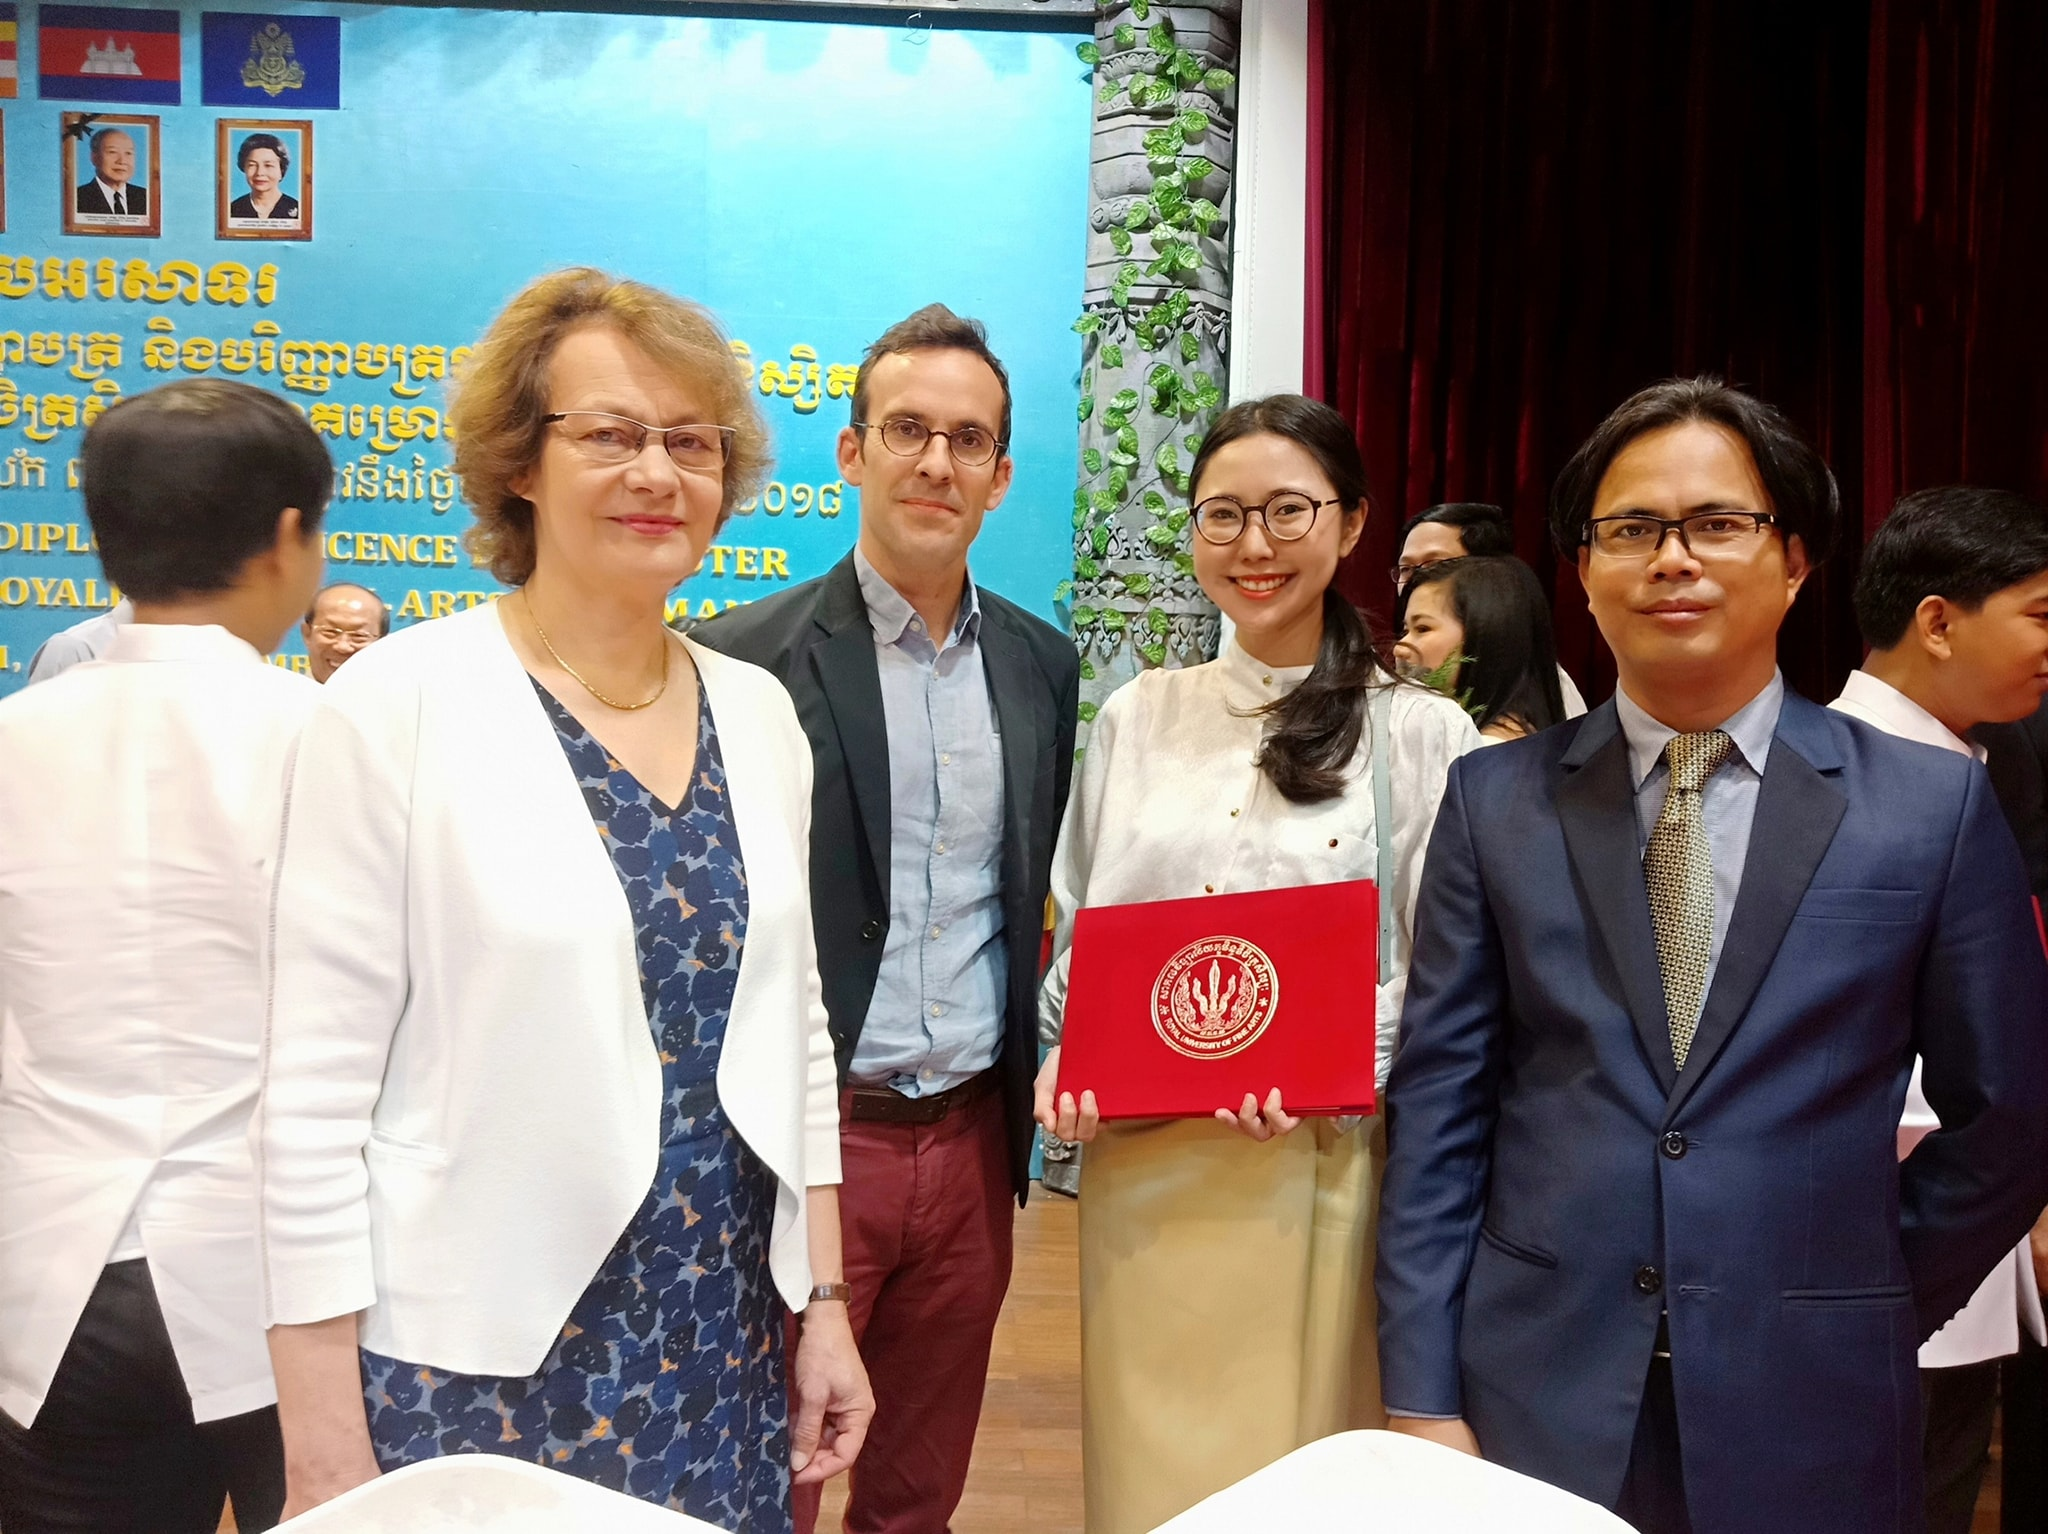 Cérémonie de remise des diplômes, en présence de la Présidente de l'INALCO - 17 décembre 2018